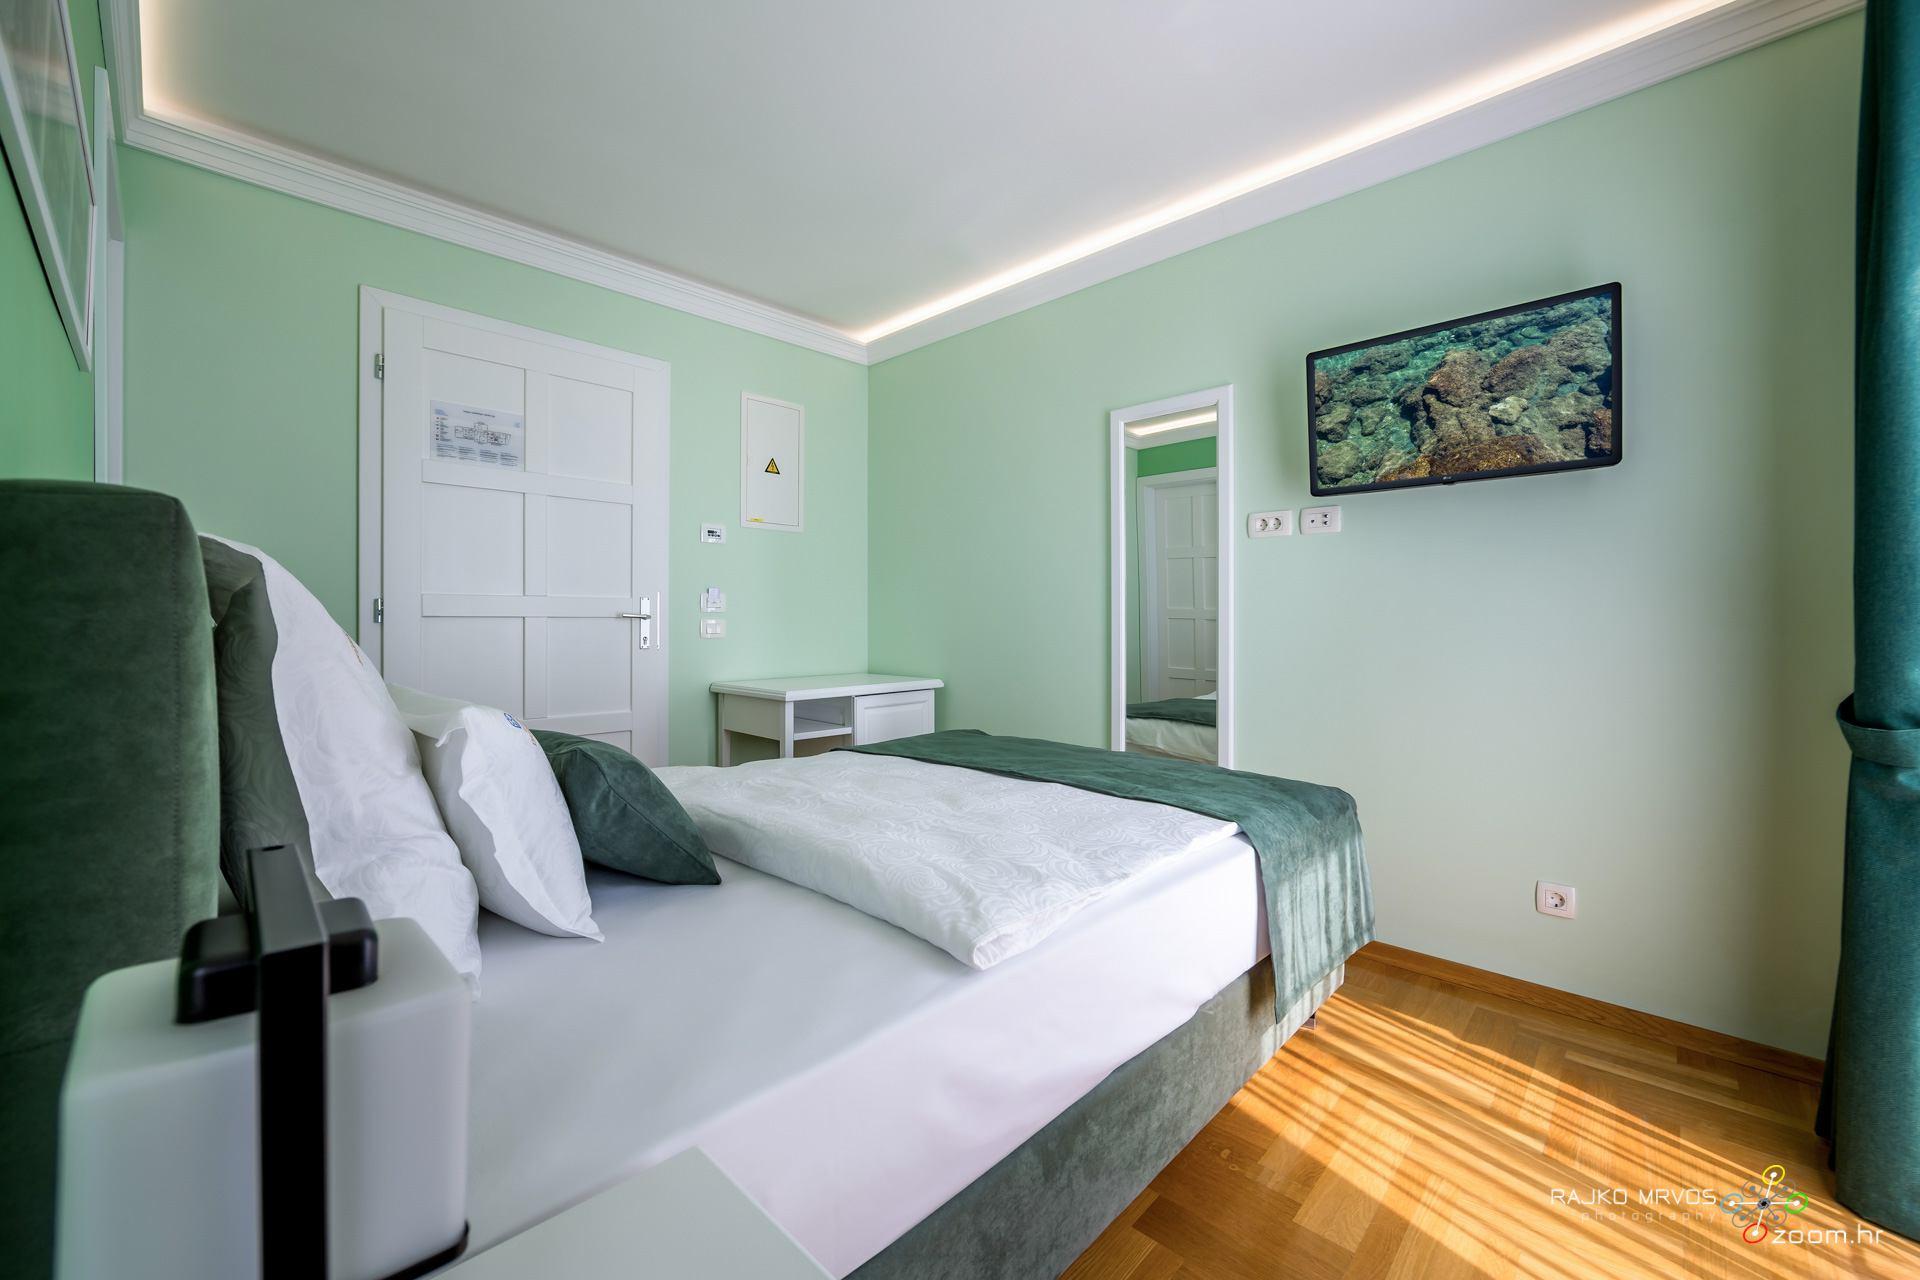 profesionalno-fotografiranje-hotela-fotograf-hotela-Hotel-Domino-Opatija-66